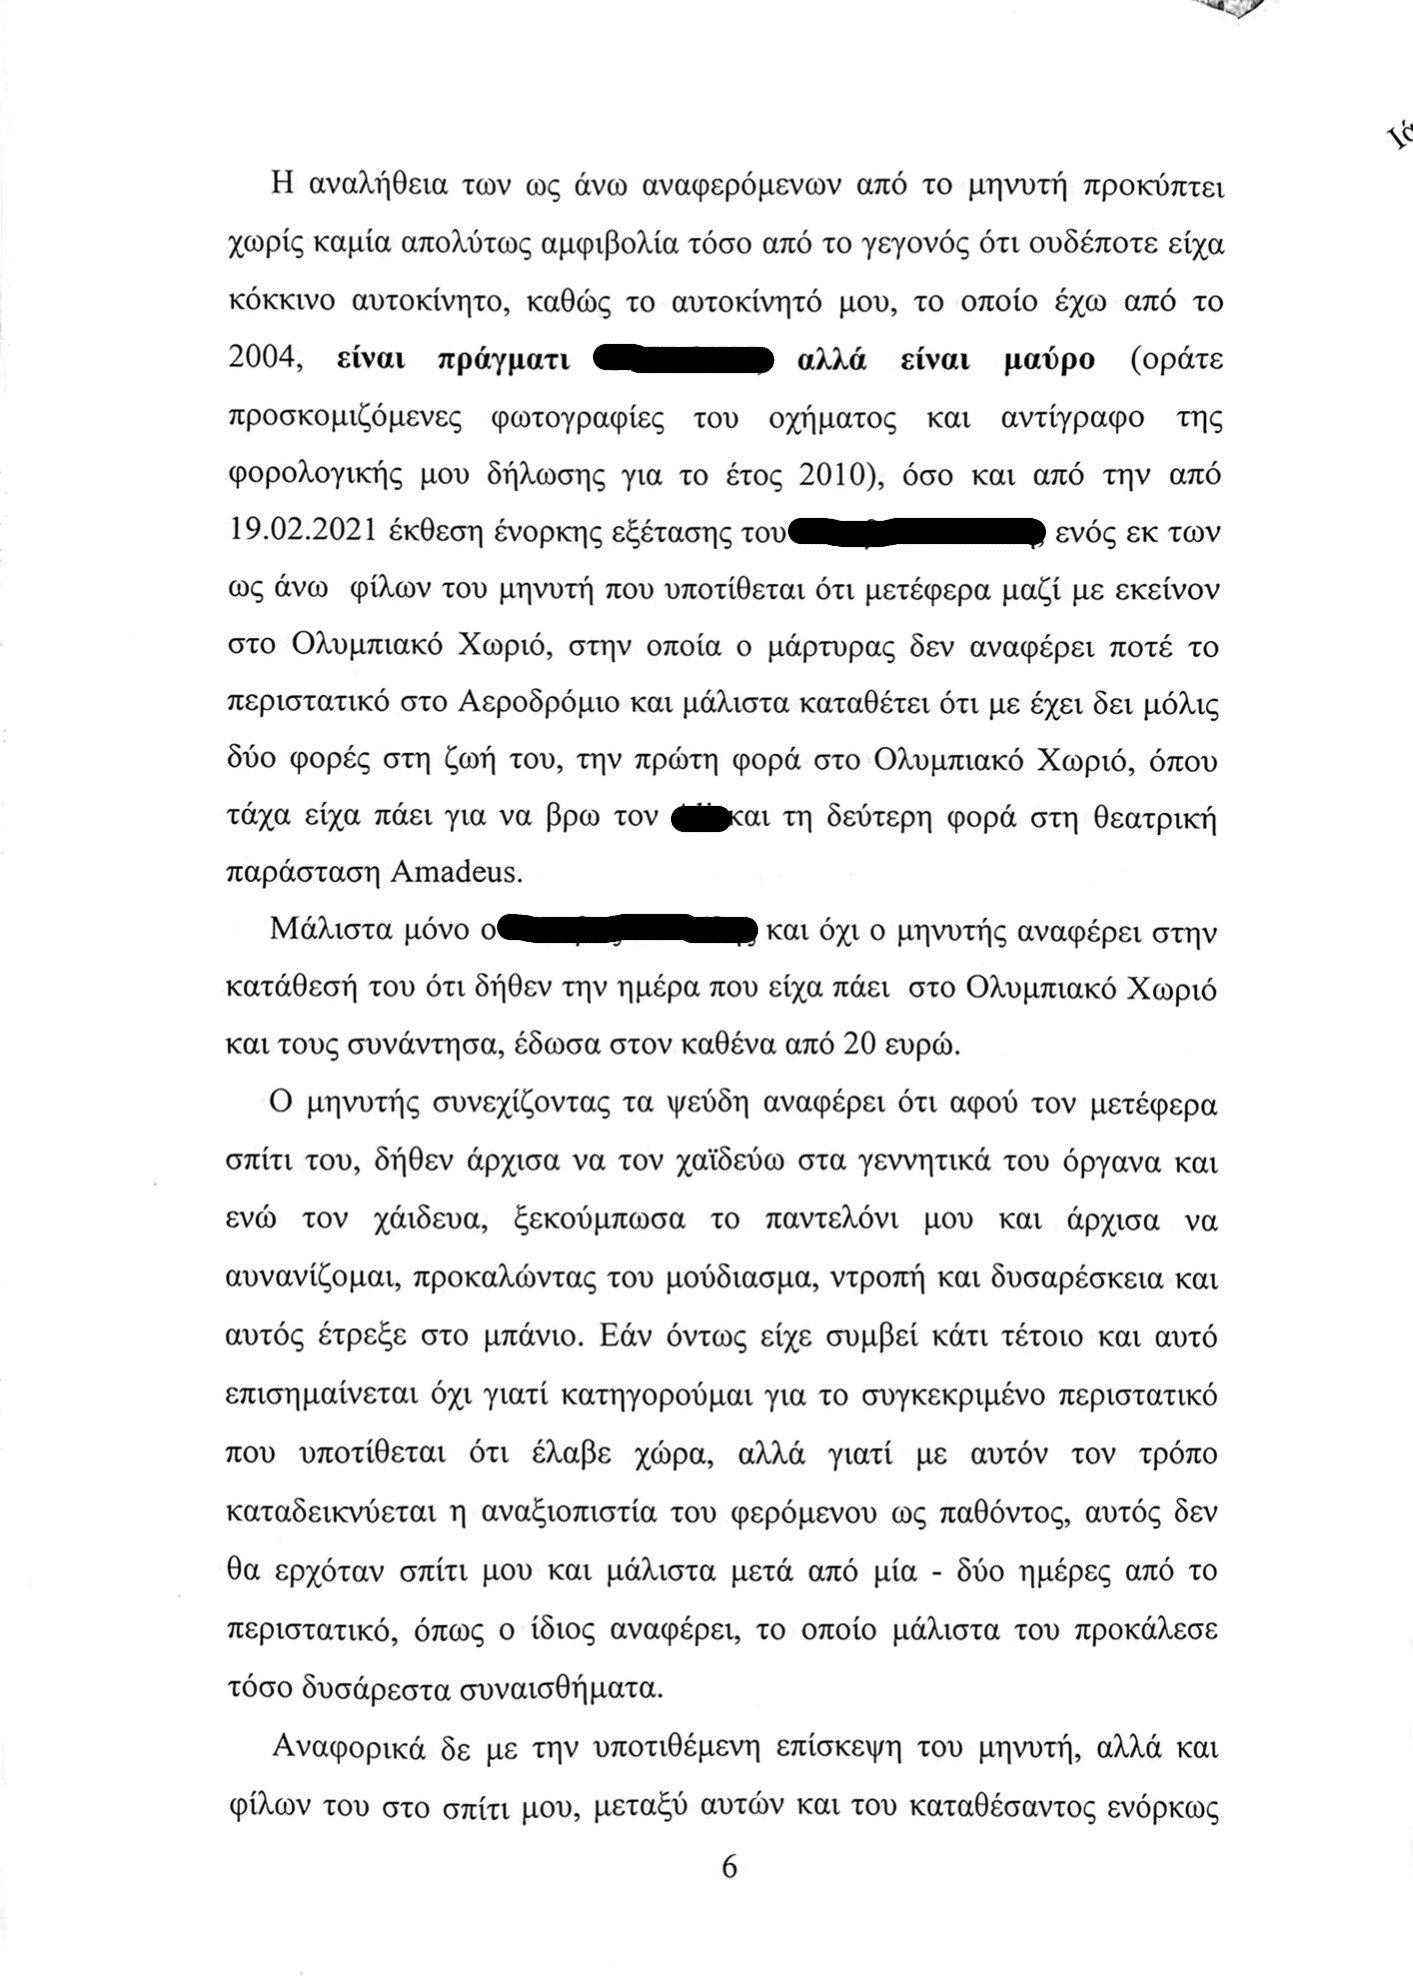 apologia lignadi 6